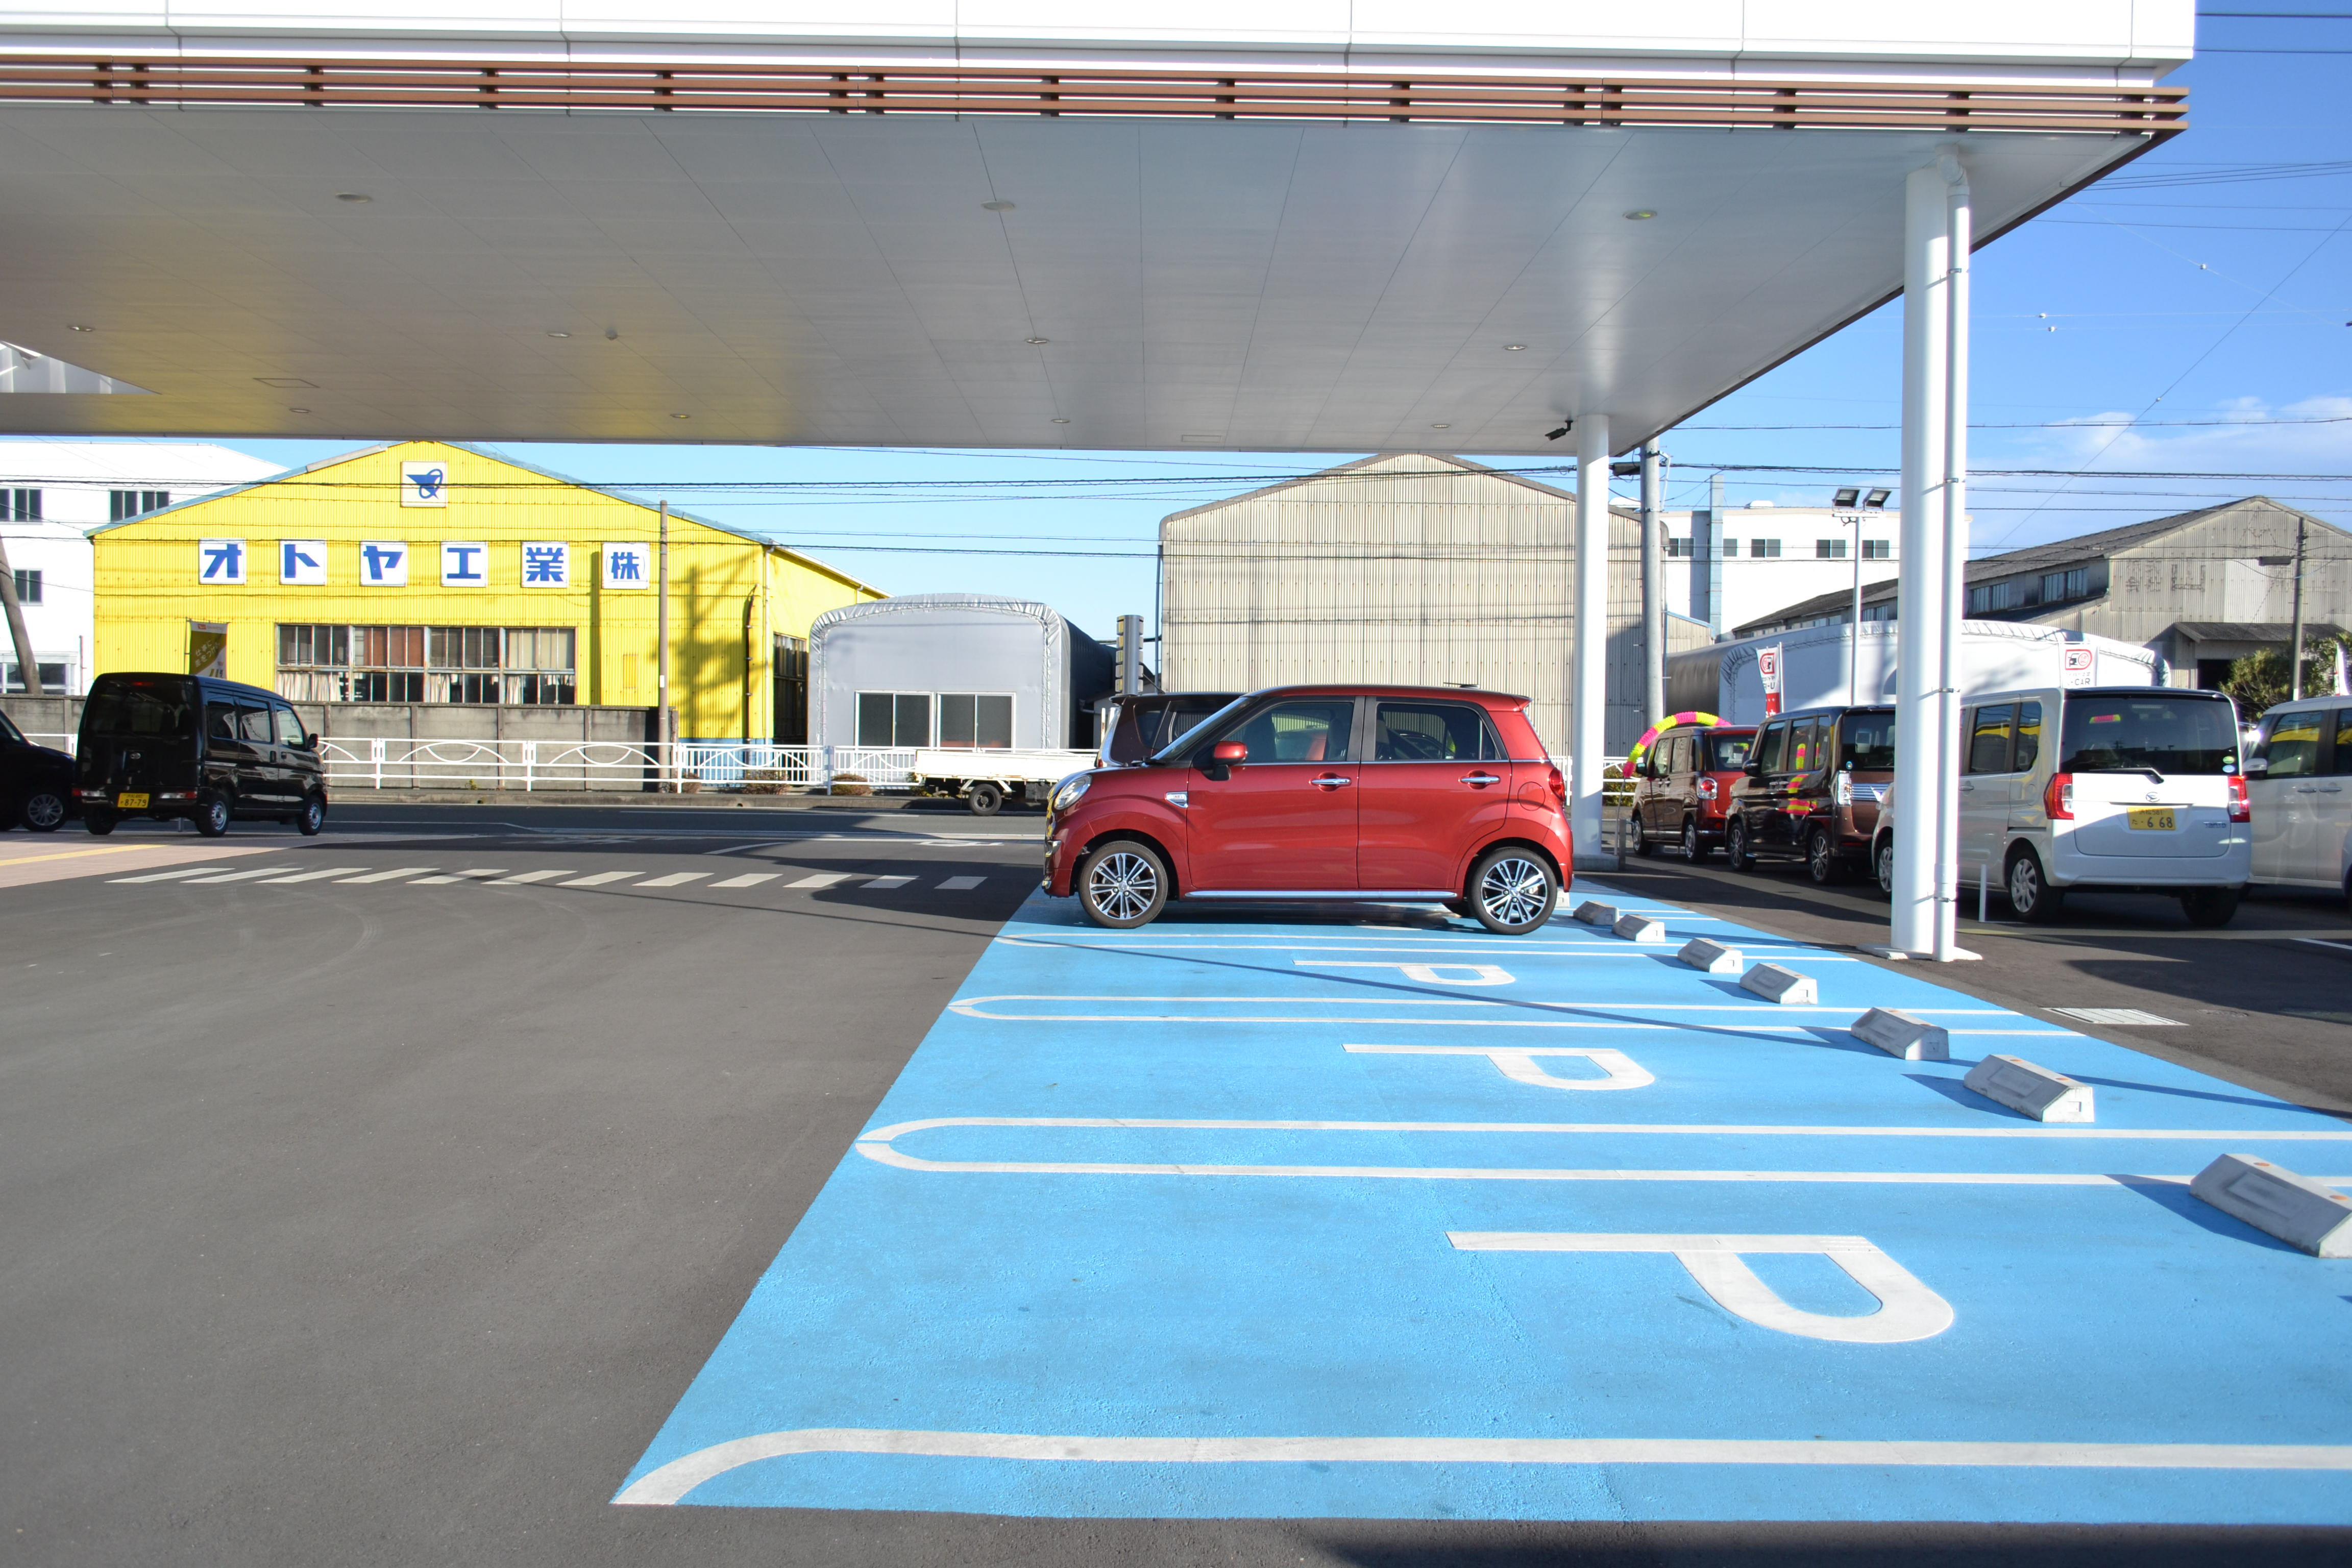 ご来店の際、すぐに駐車場とわかるように緑に色分けしております